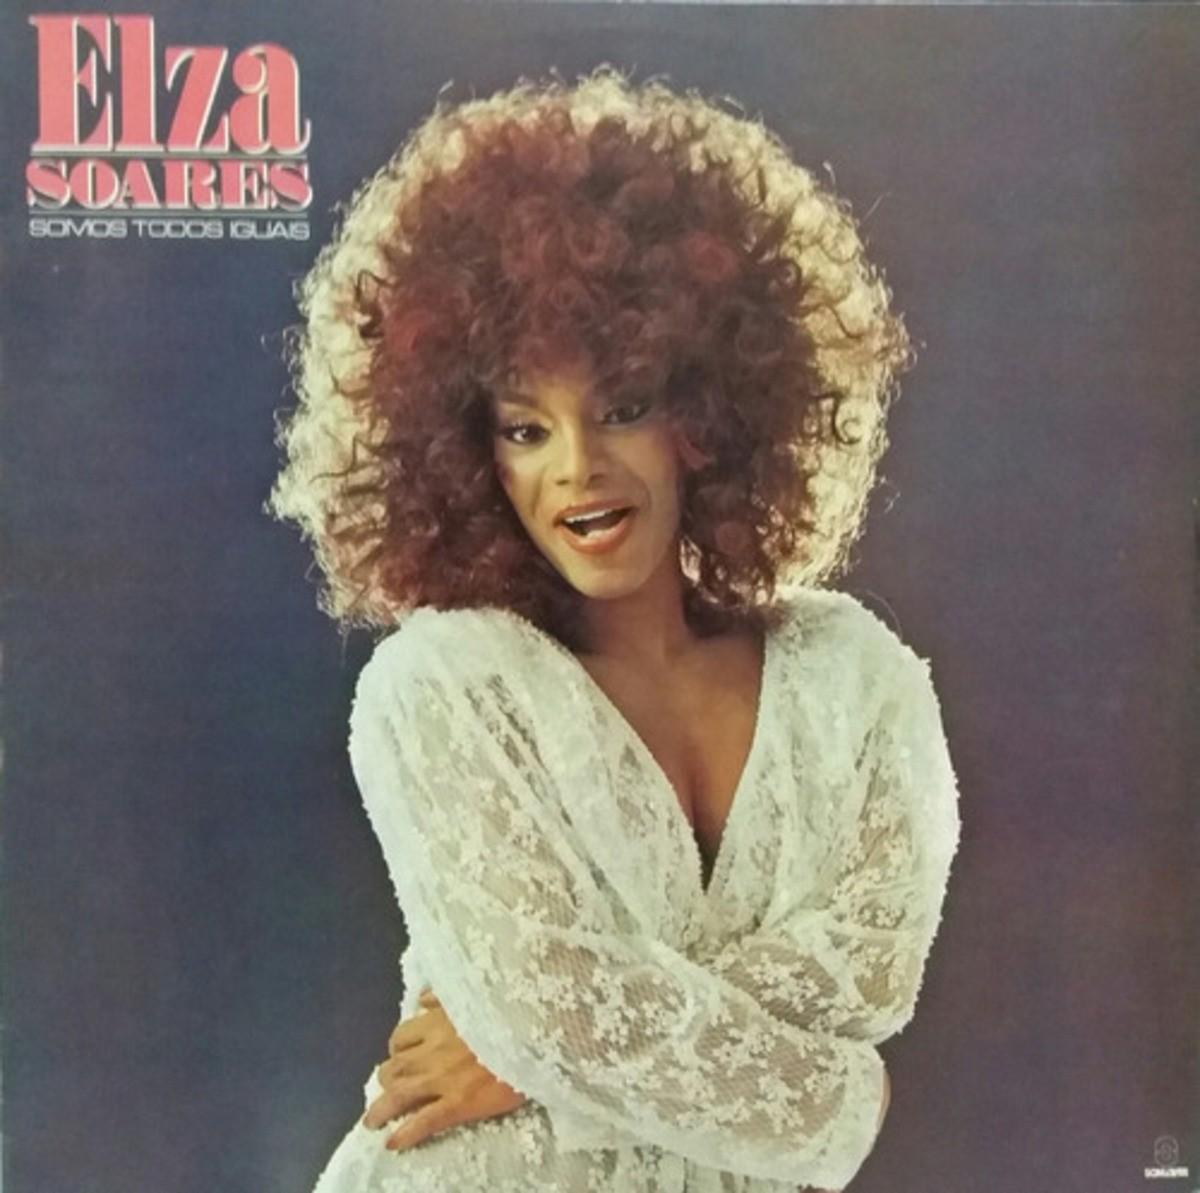 Elza Soares tapa de un disco histórico